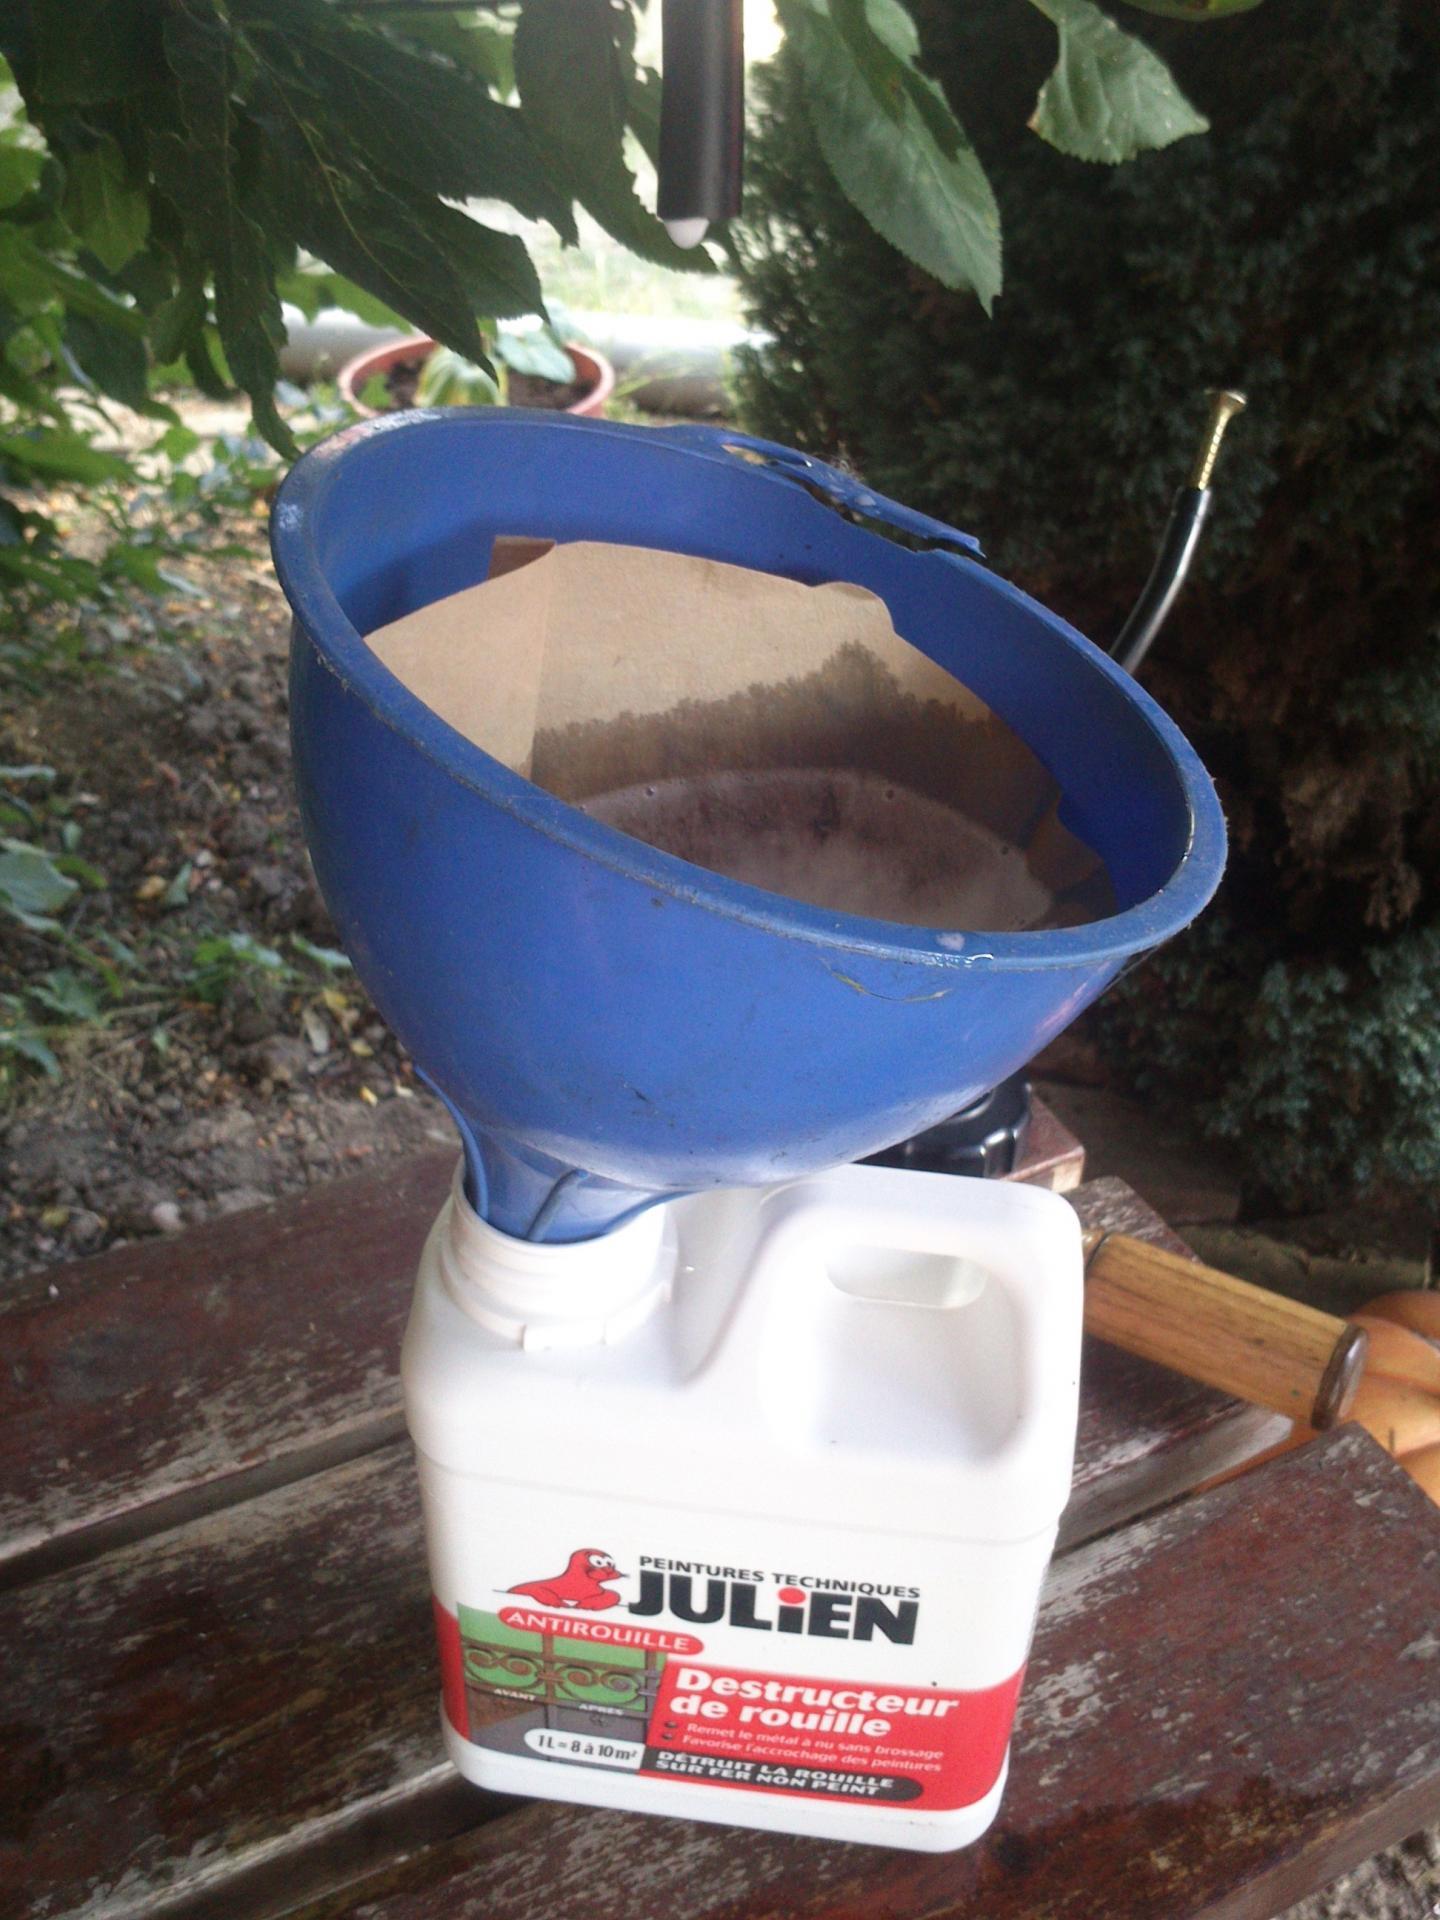 Nettoyage du r servoir rempli de rouille - Acide phosphorique rouille ...